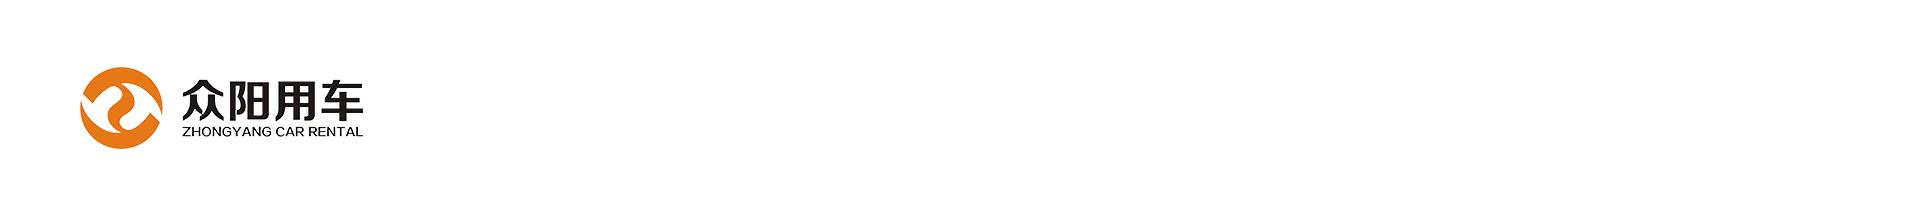 众阳万博最新版万博客户端app